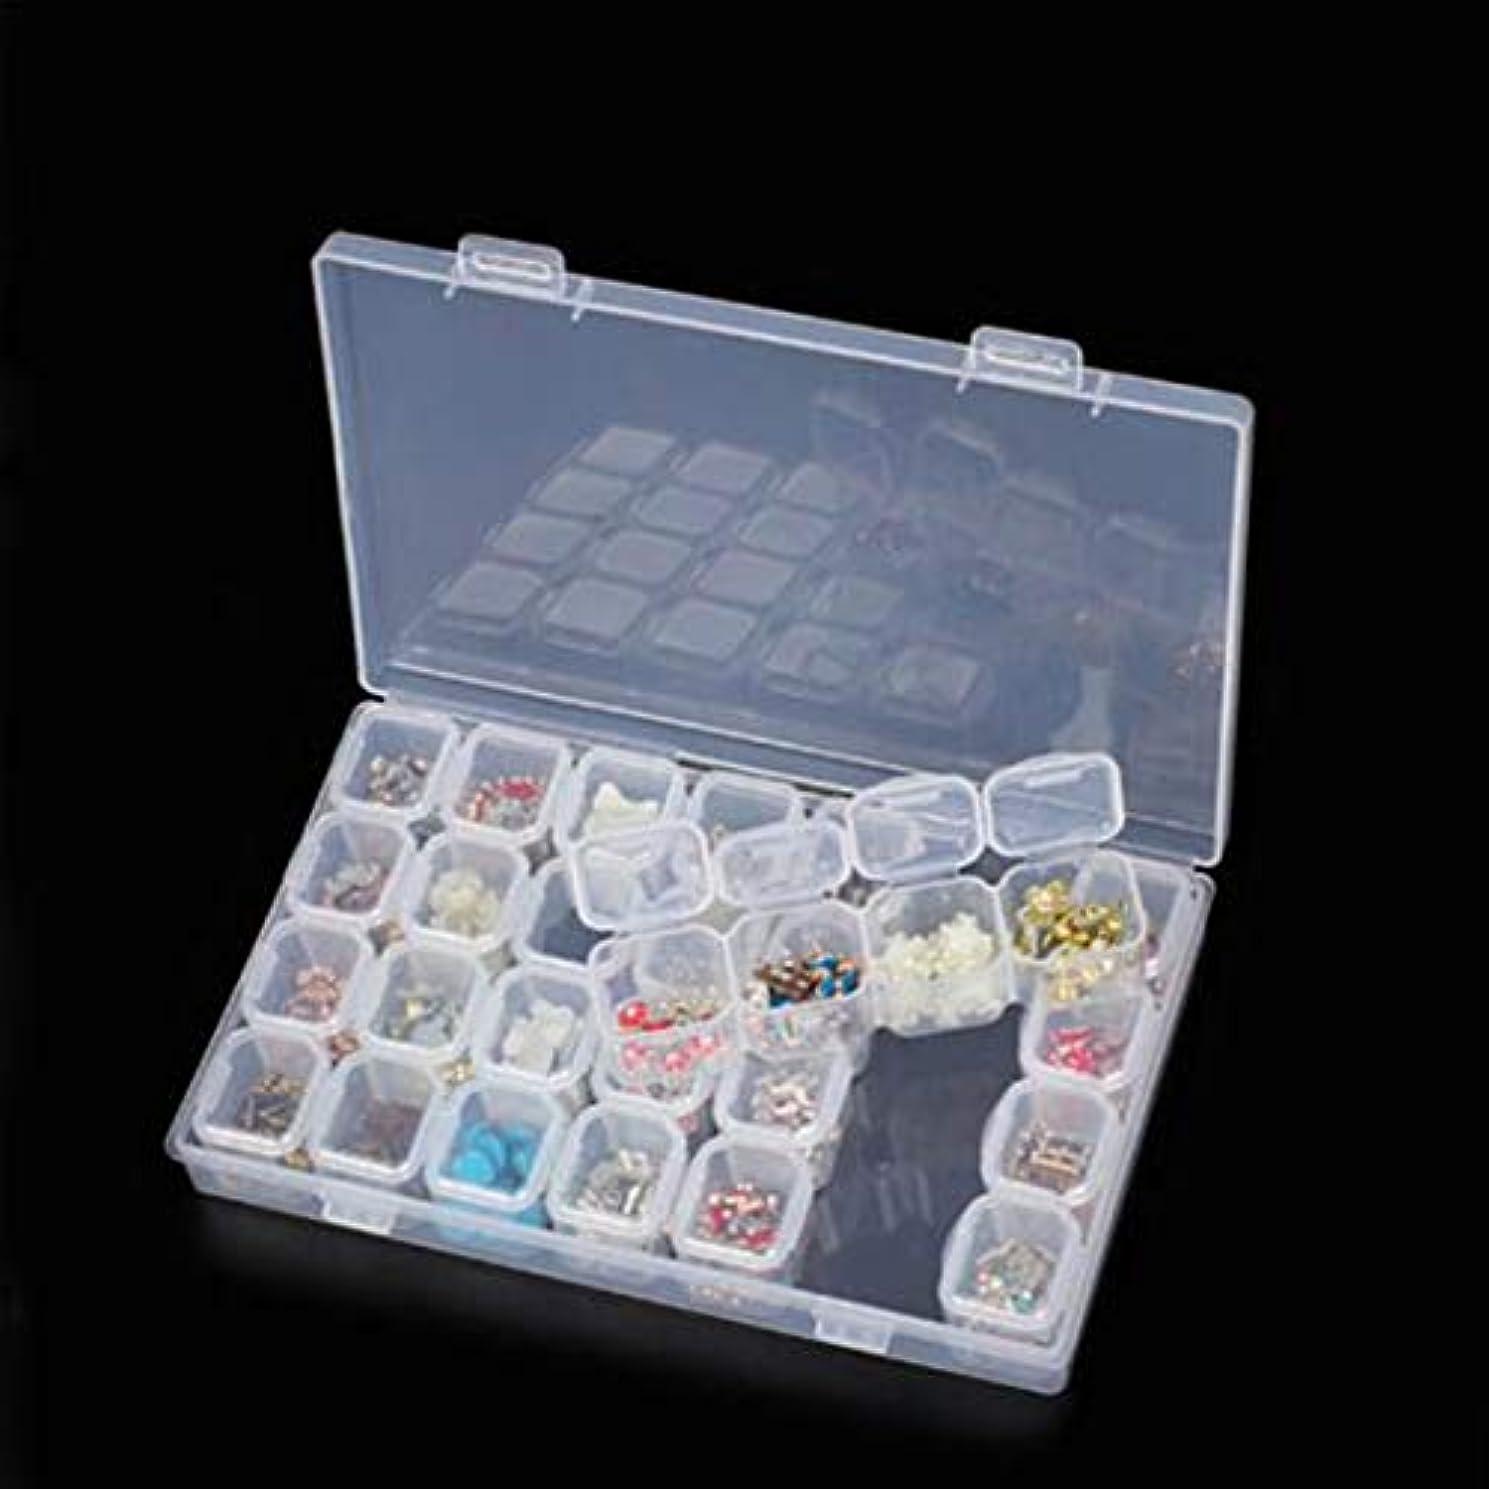 男再生可能伴う28スロットプラスチック収納ボックスボックスダイヤモンド塗装キットネールアートラインツールズ収納収納ボックスケースオーガナイザーホルダー